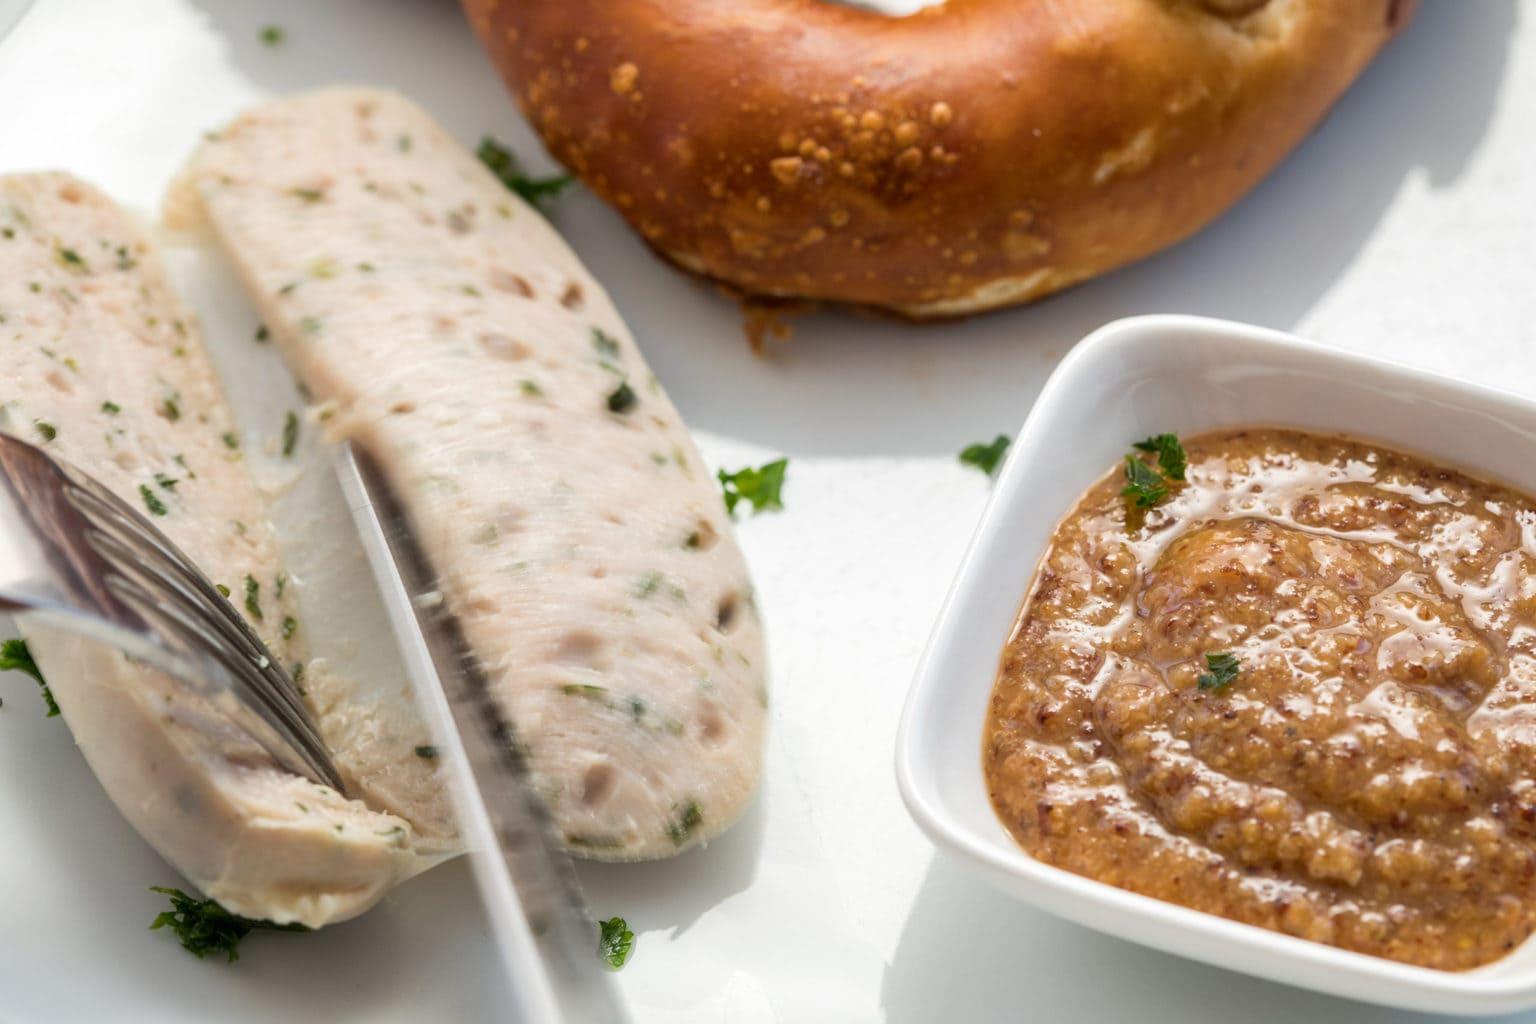 Opengesneden Weißwurst op de huid met mosterd en Brezel